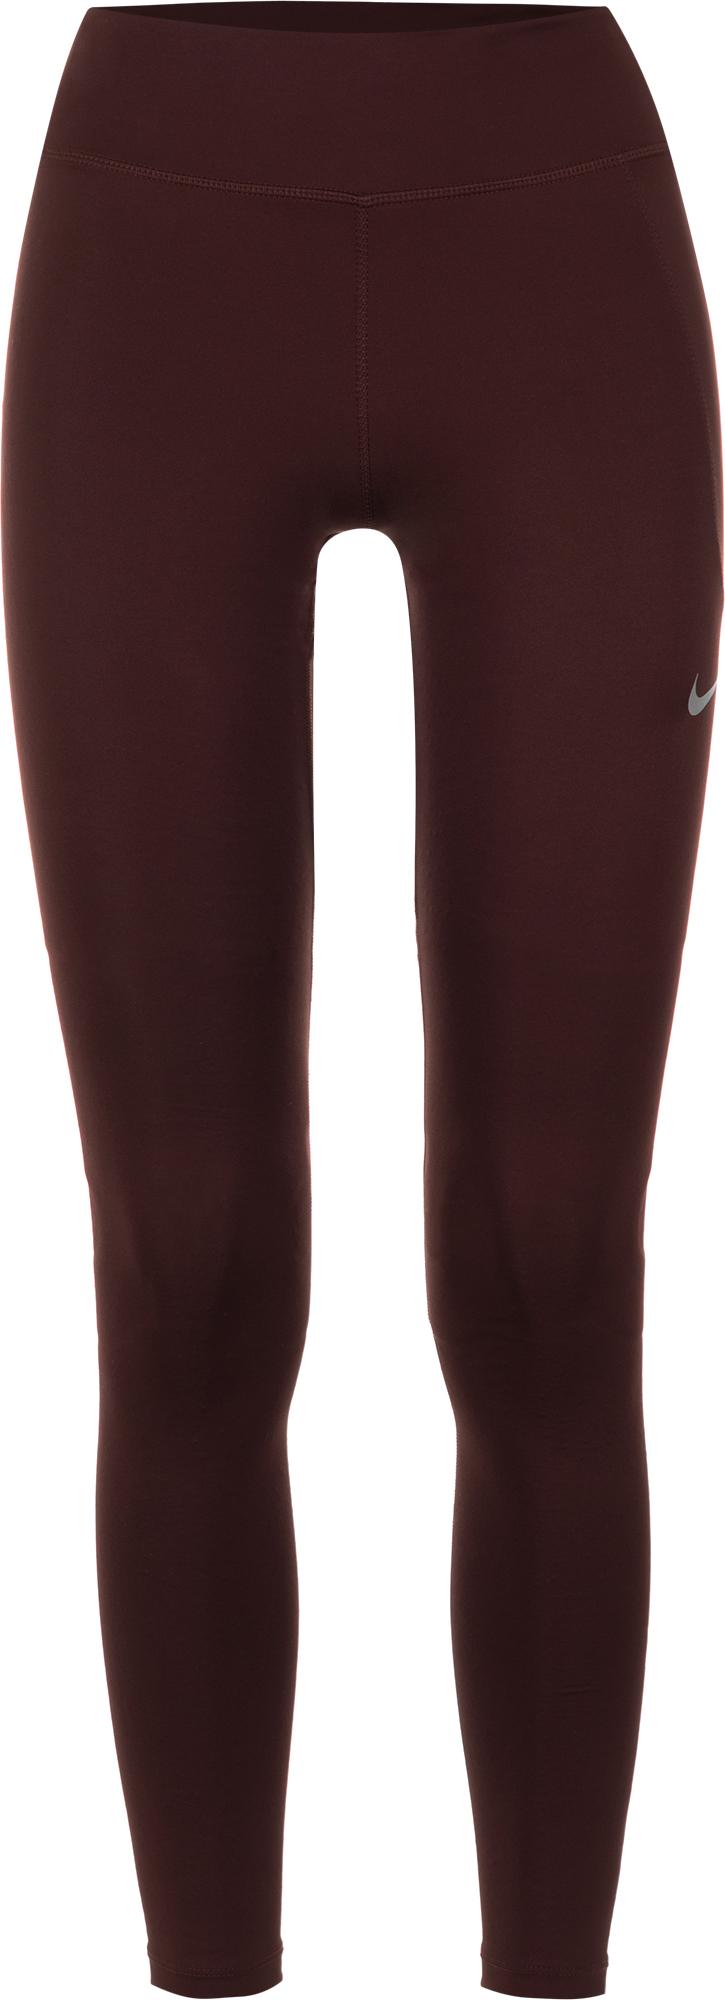 Nike Легинсы женские Fast, размер 46-48